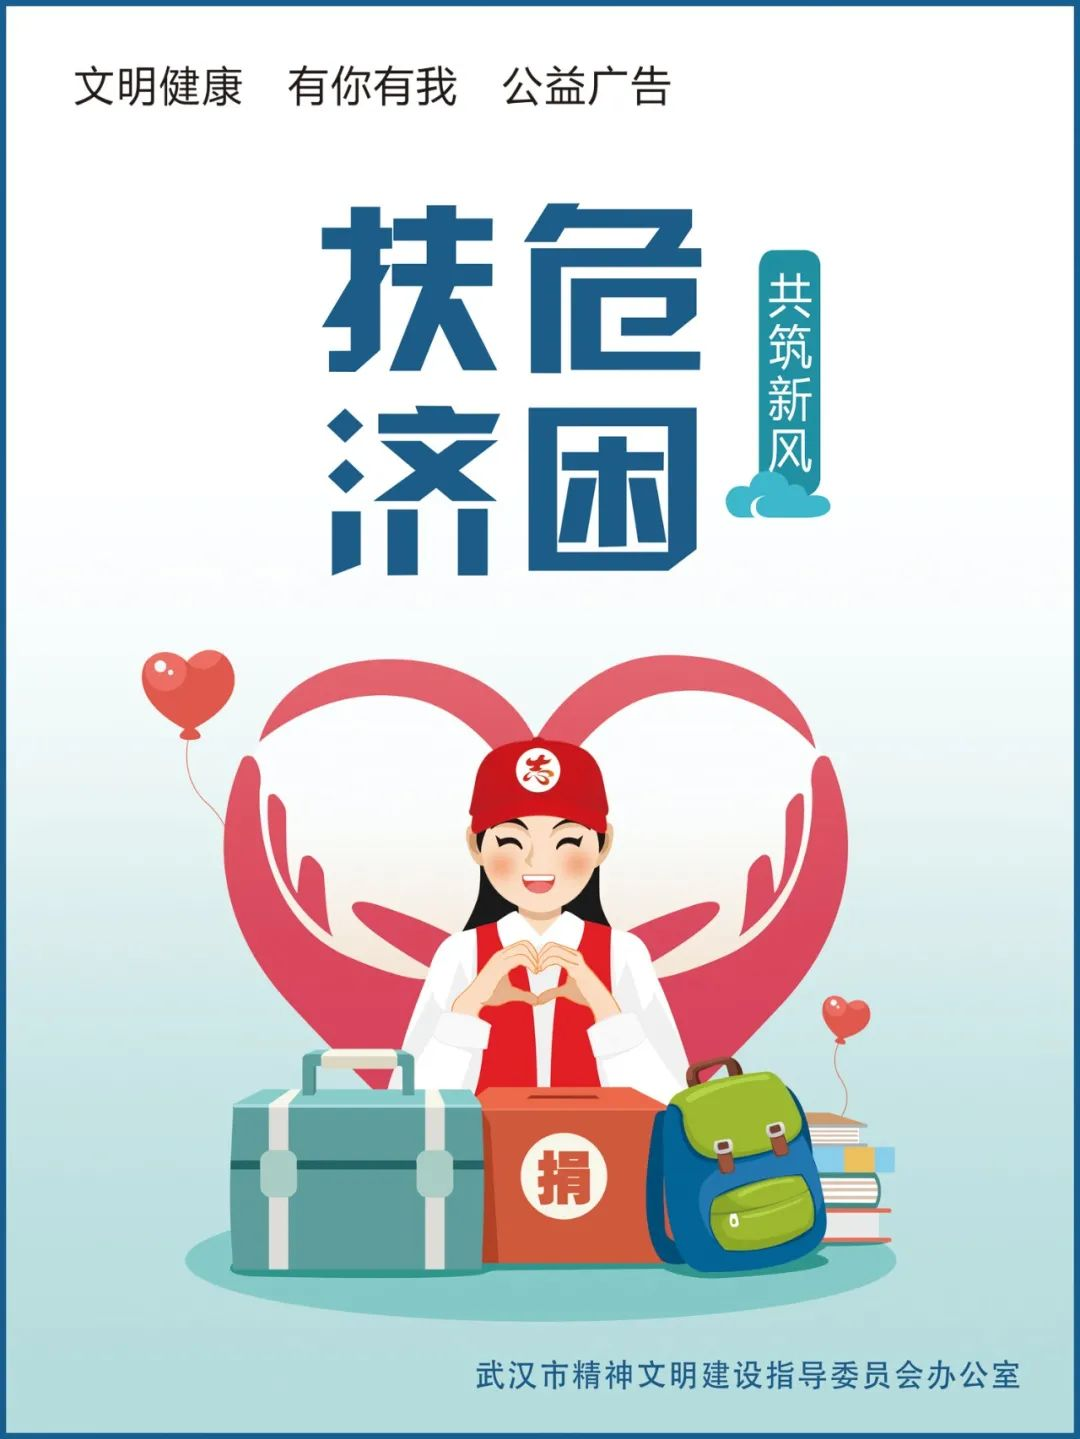 华为、腾讯、迈瑞……一批深圳企业与武汉共同成长